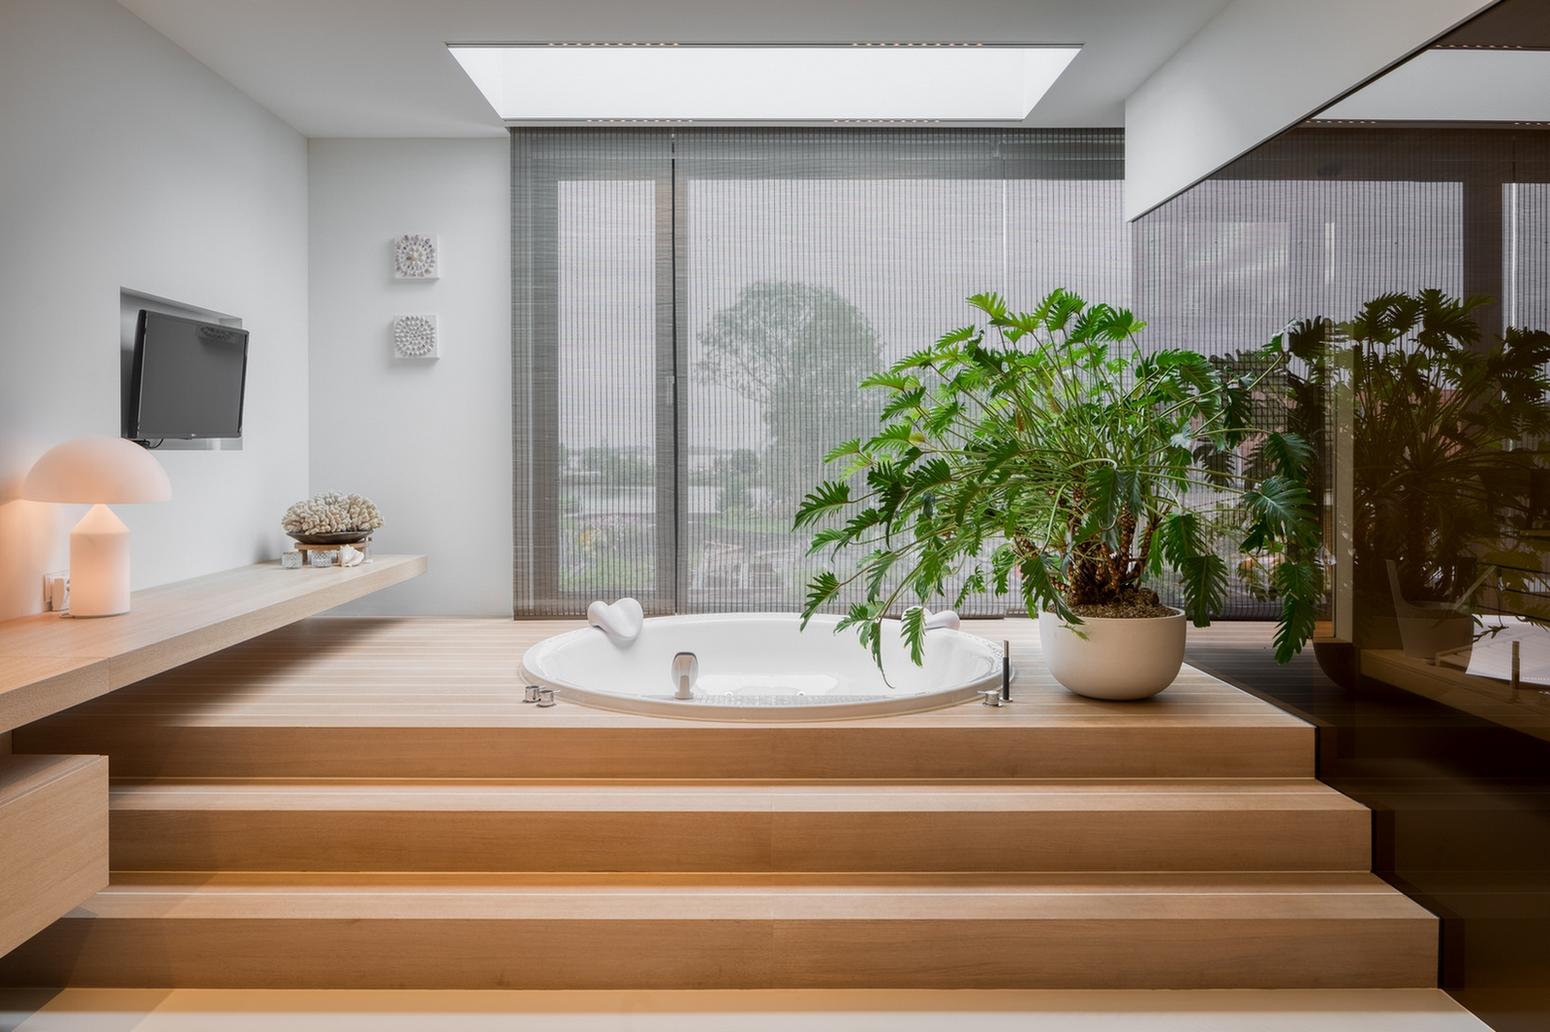 Maatwerk sauna in een badkamer